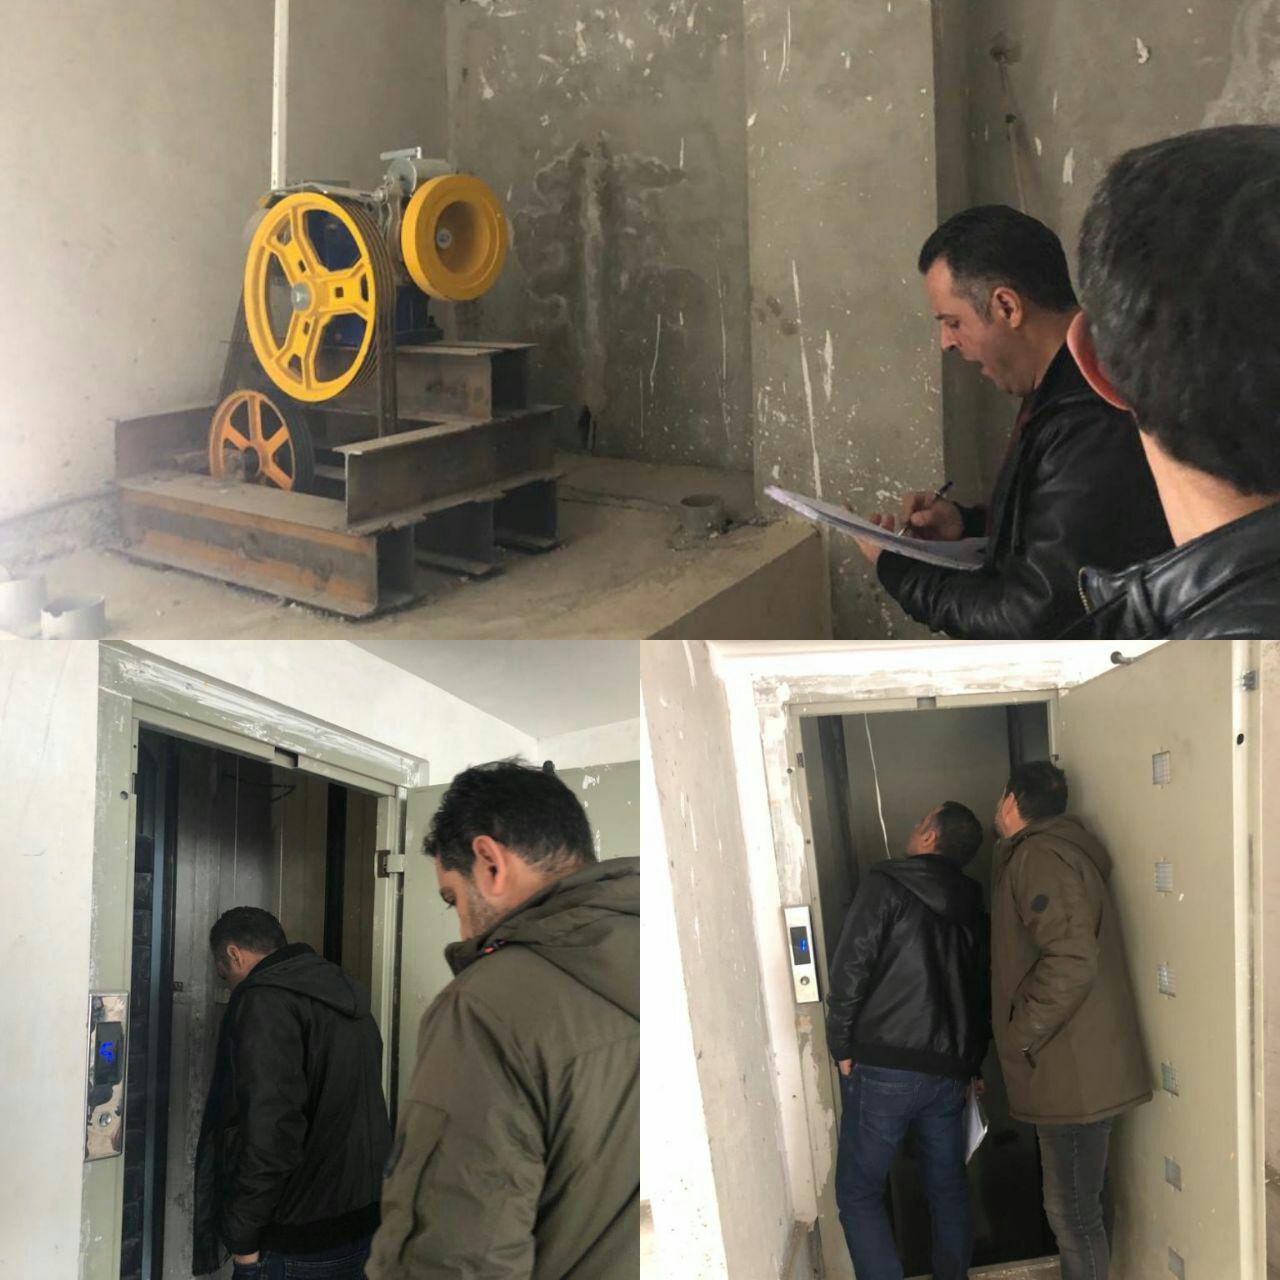 ورود بخشی از اقلام مورد نیاز برای راه اندازی آسانسور پروژه مسکن مهر شرکت پردیس سازان نوید